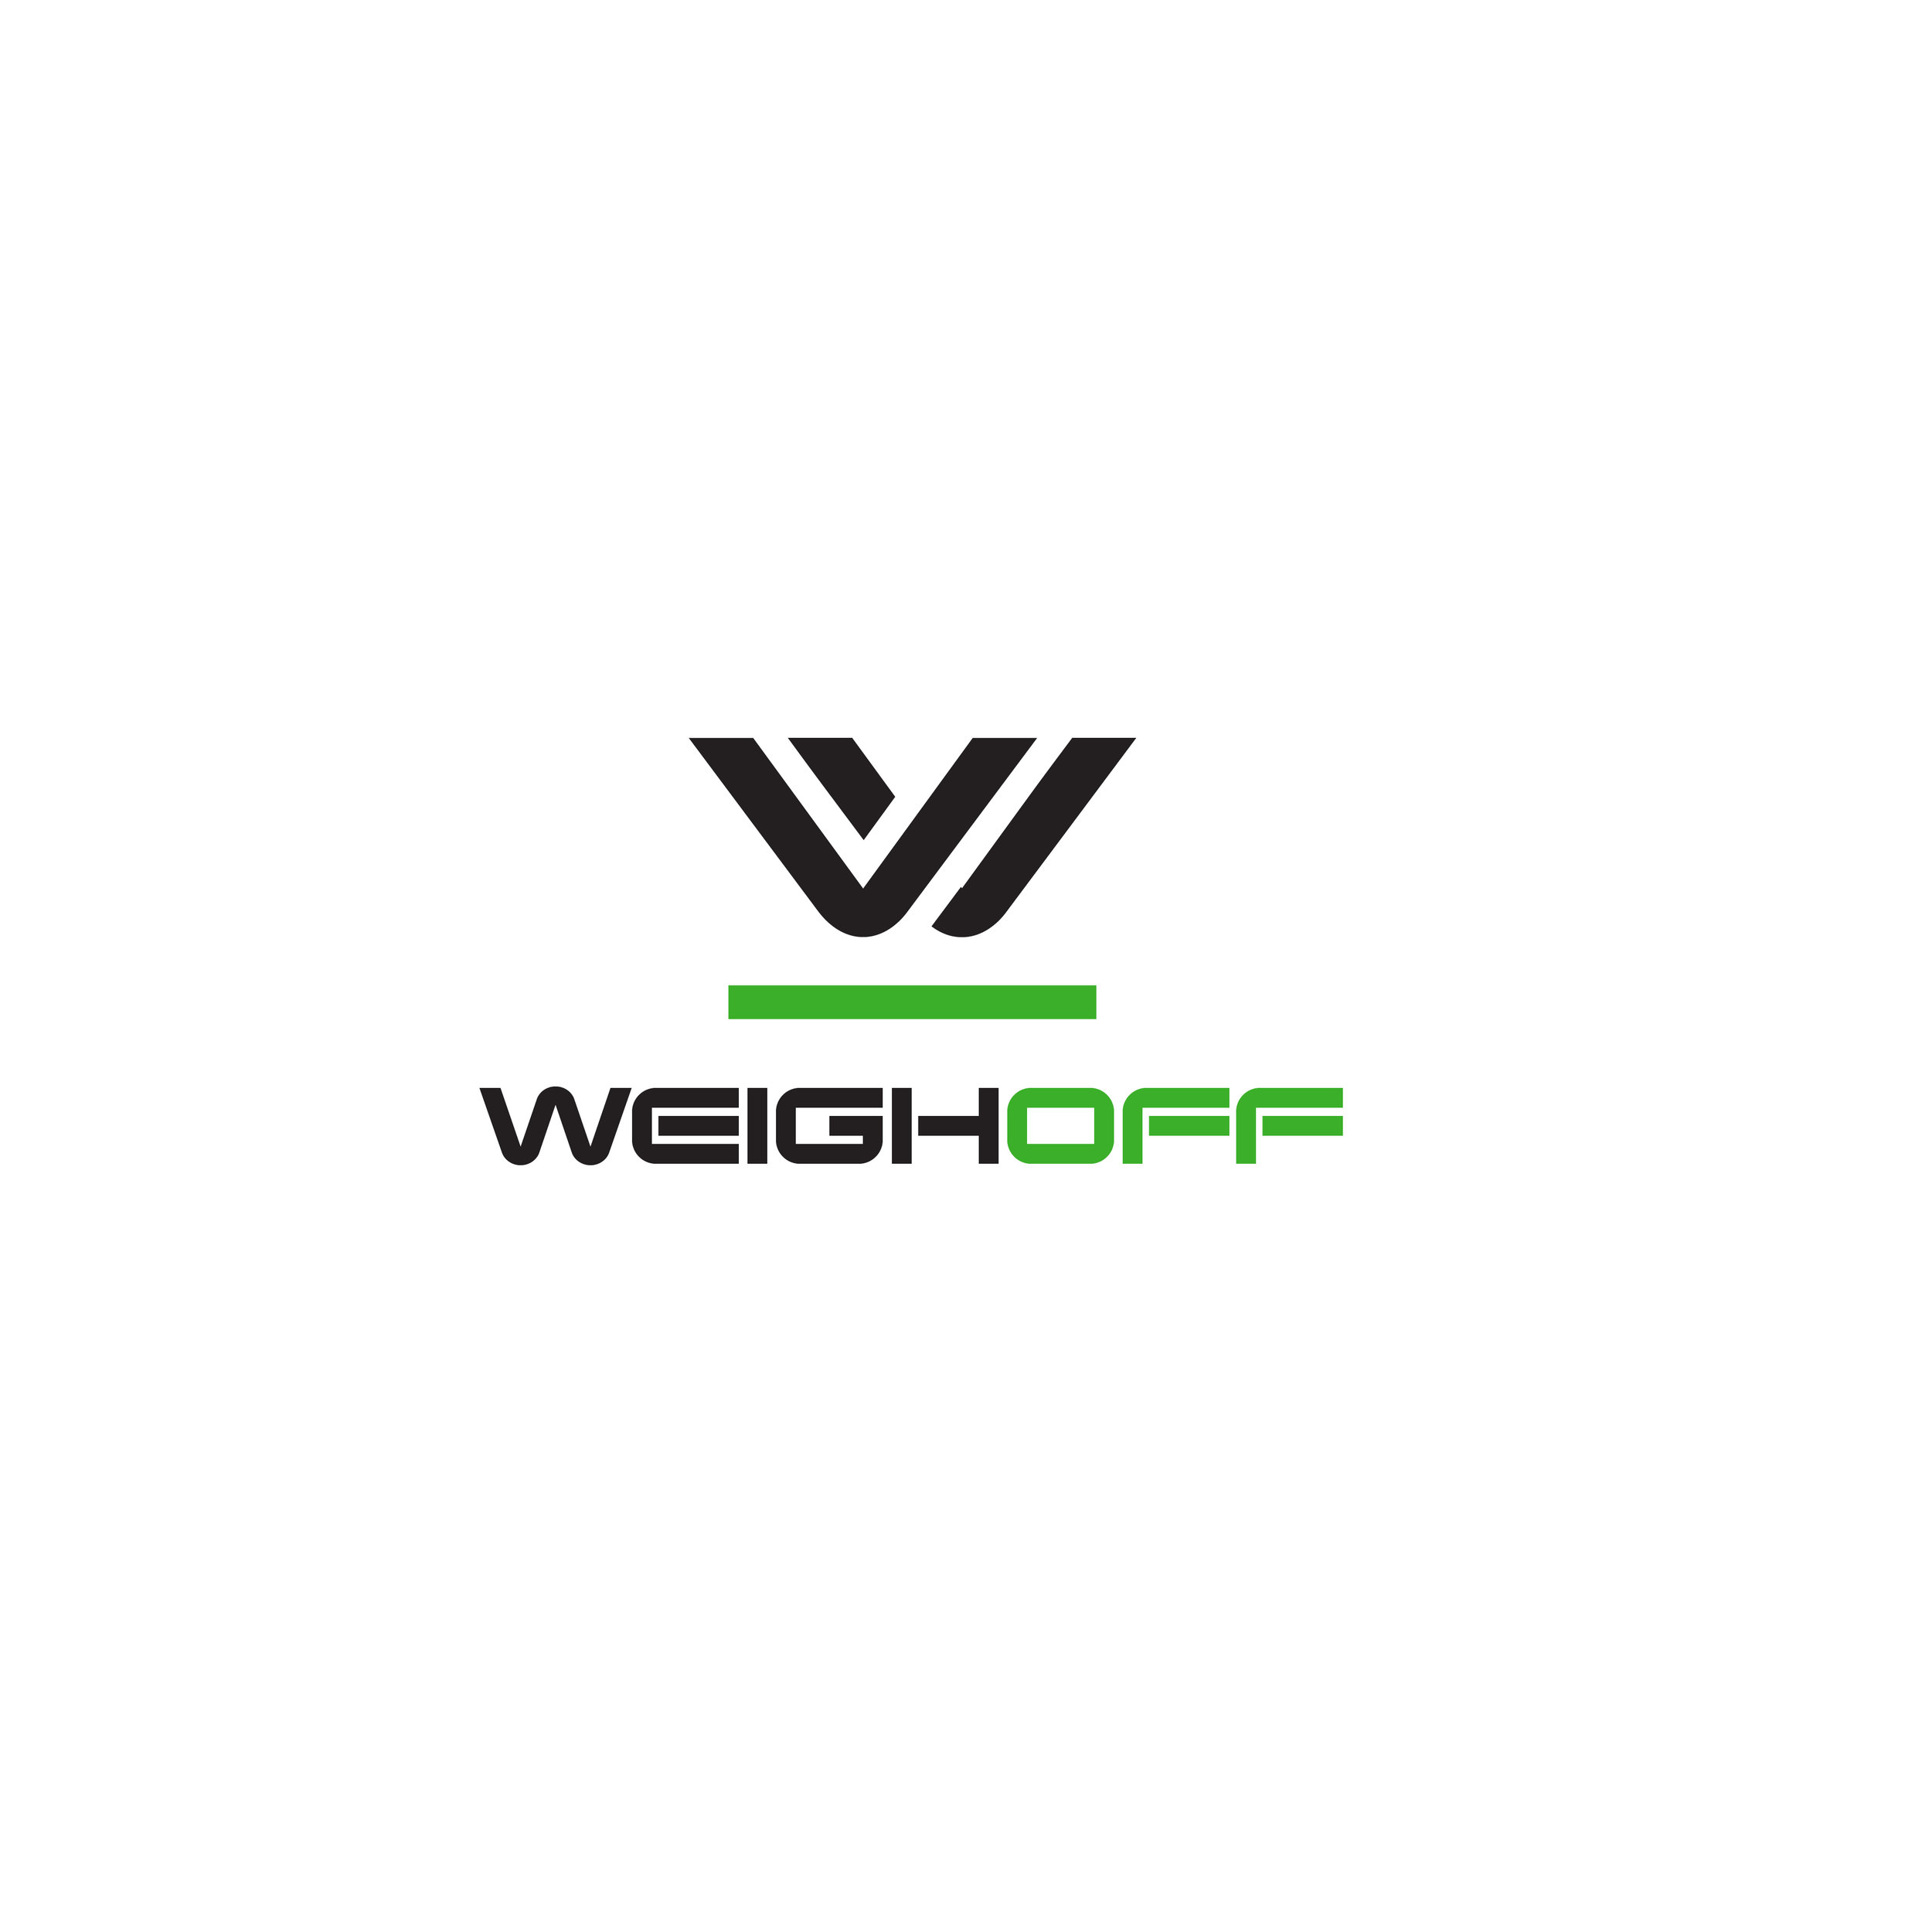 weightoff_stack.jpg